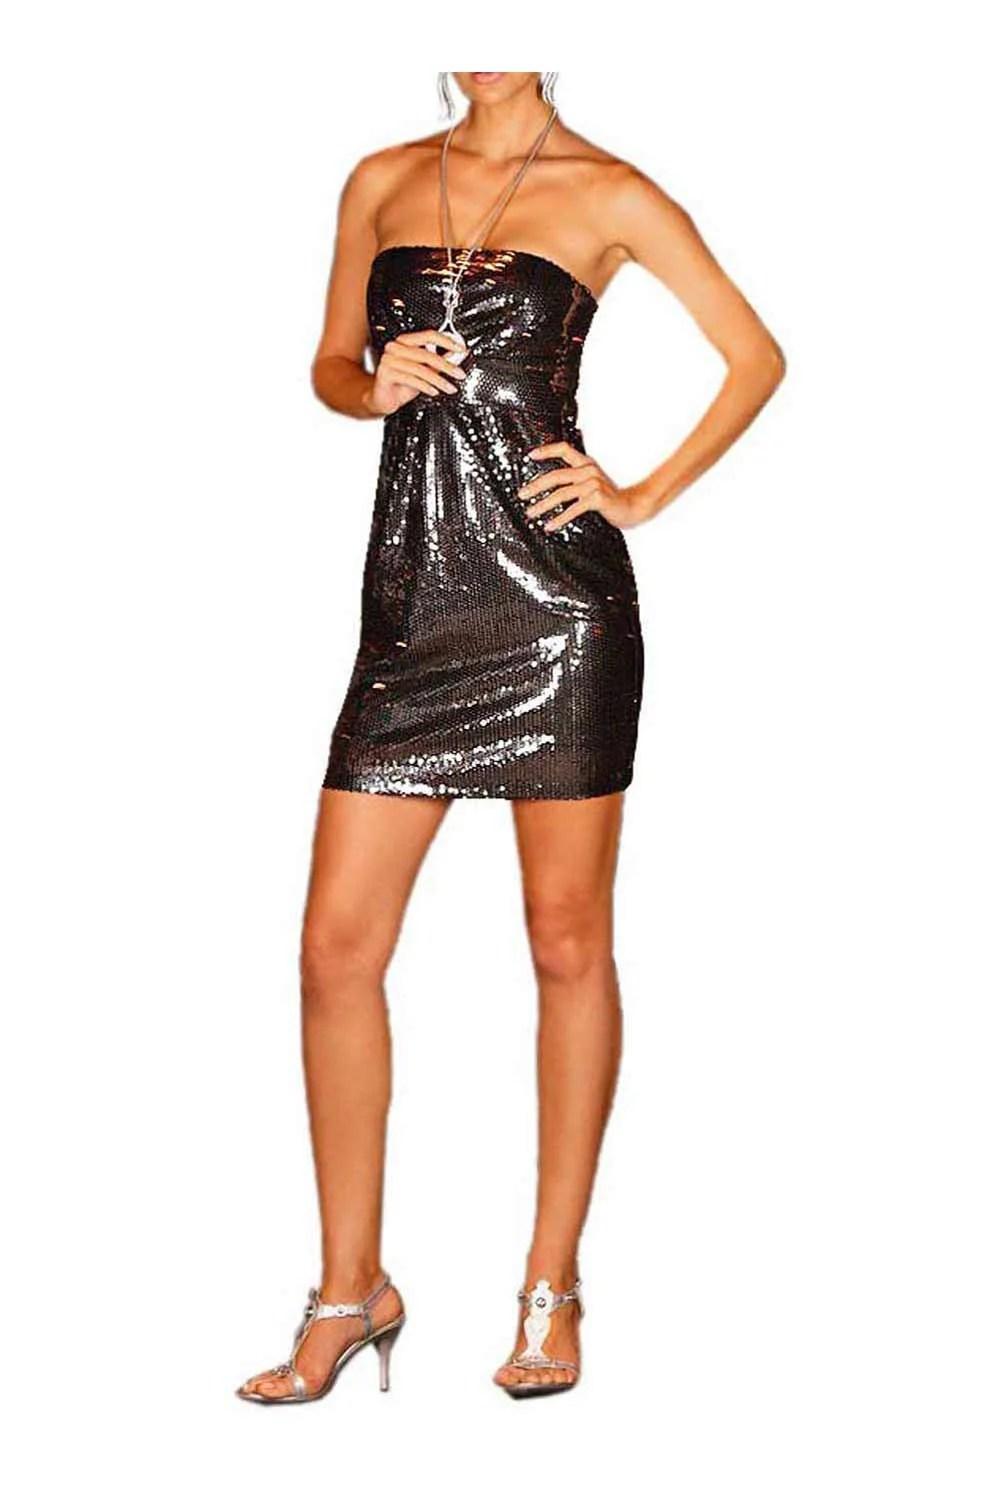 kurzes kleid für besondere anlässe Pailletten-Bustierkleid, grau-schwarz von Laura Scott Evening Grösse 38 778.276 Missforty